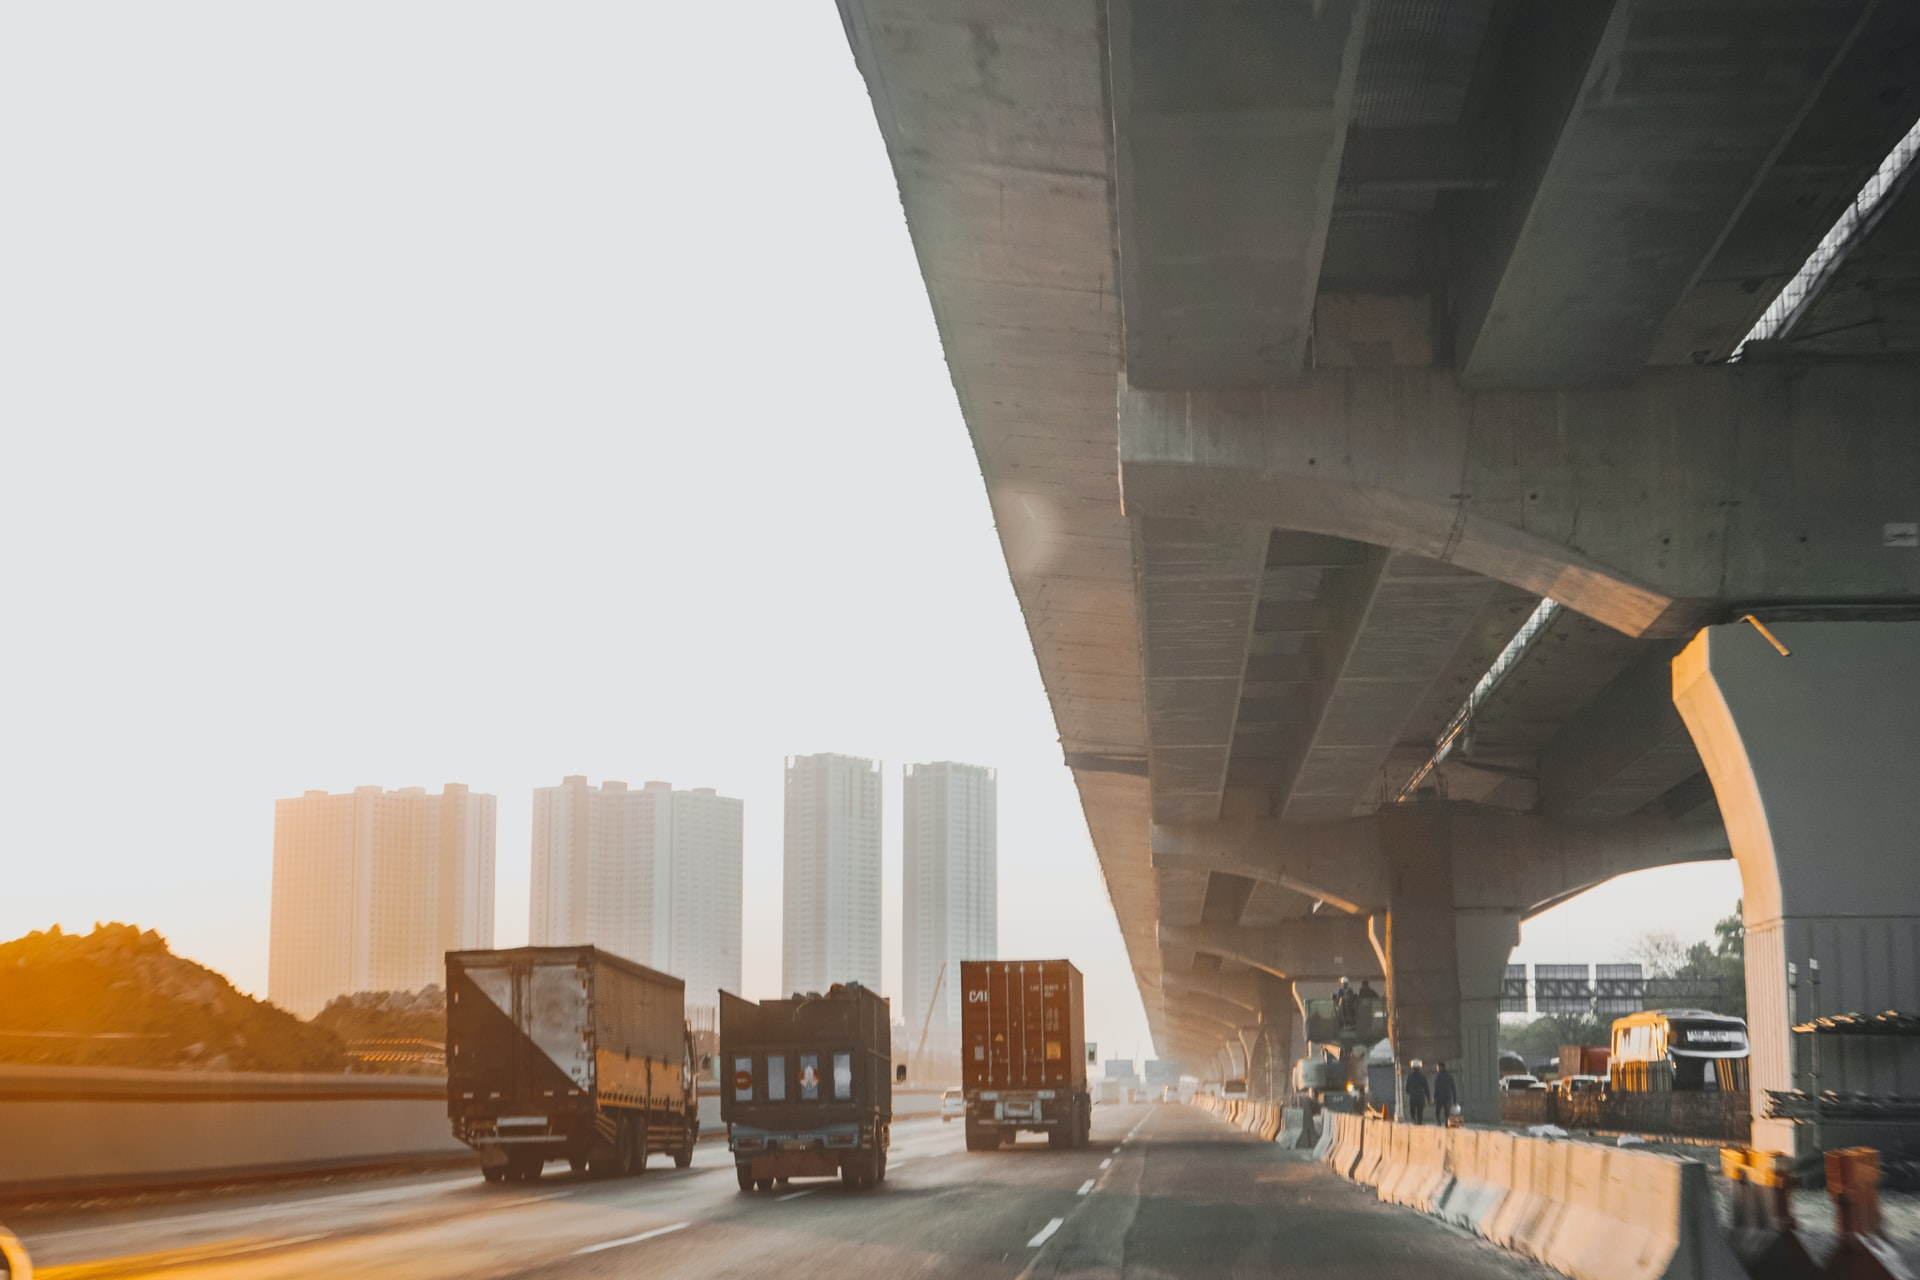 Środki do wykonywania transportu przedmiotów